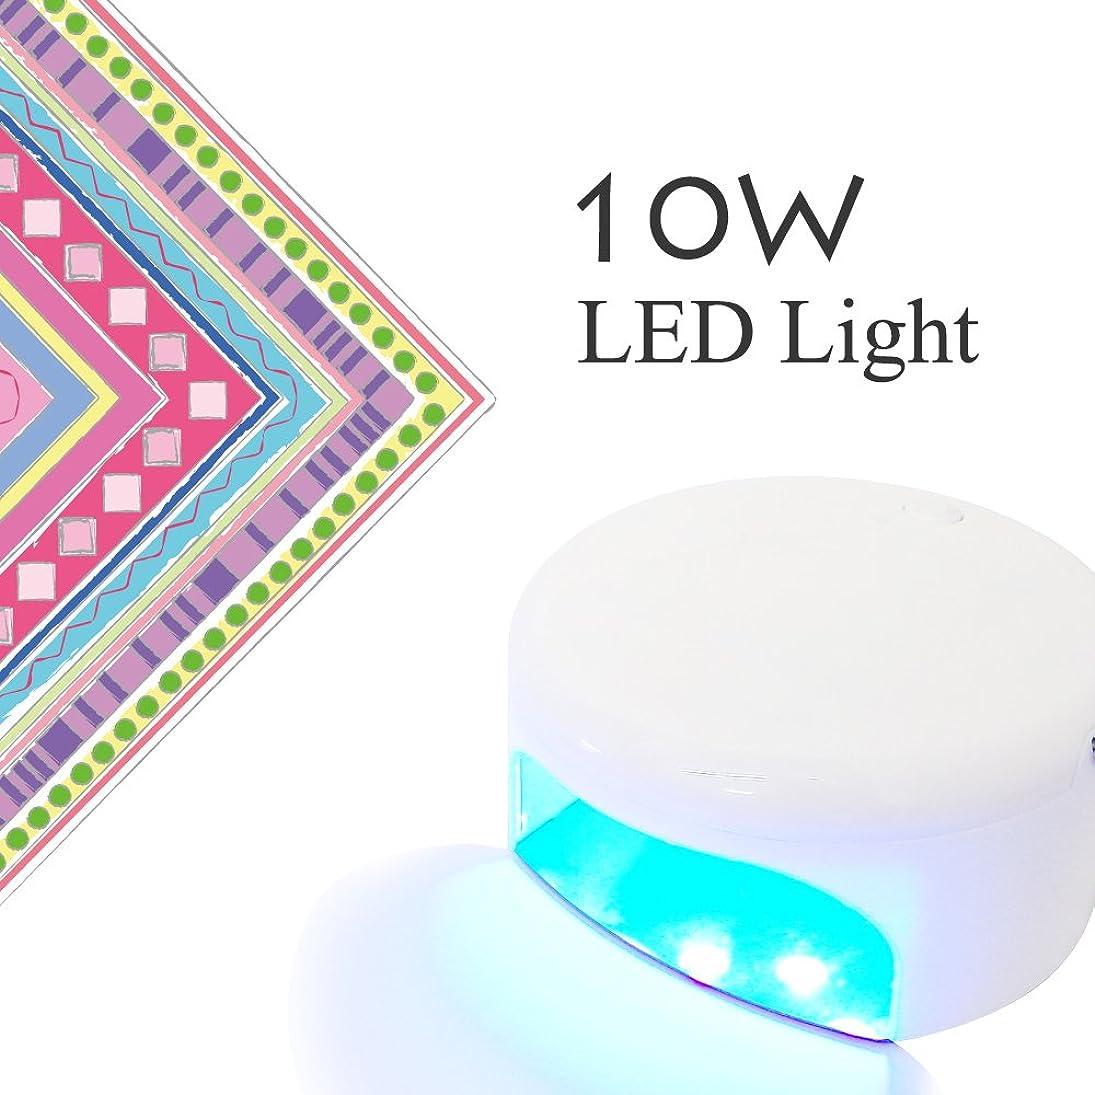 データムサーマルラケットネイル用LEDライト 10W チップLED搭載 【LED10wライト】コンパクトハイパワー保証書。取扱説明書付き ジェルネイル (10W)